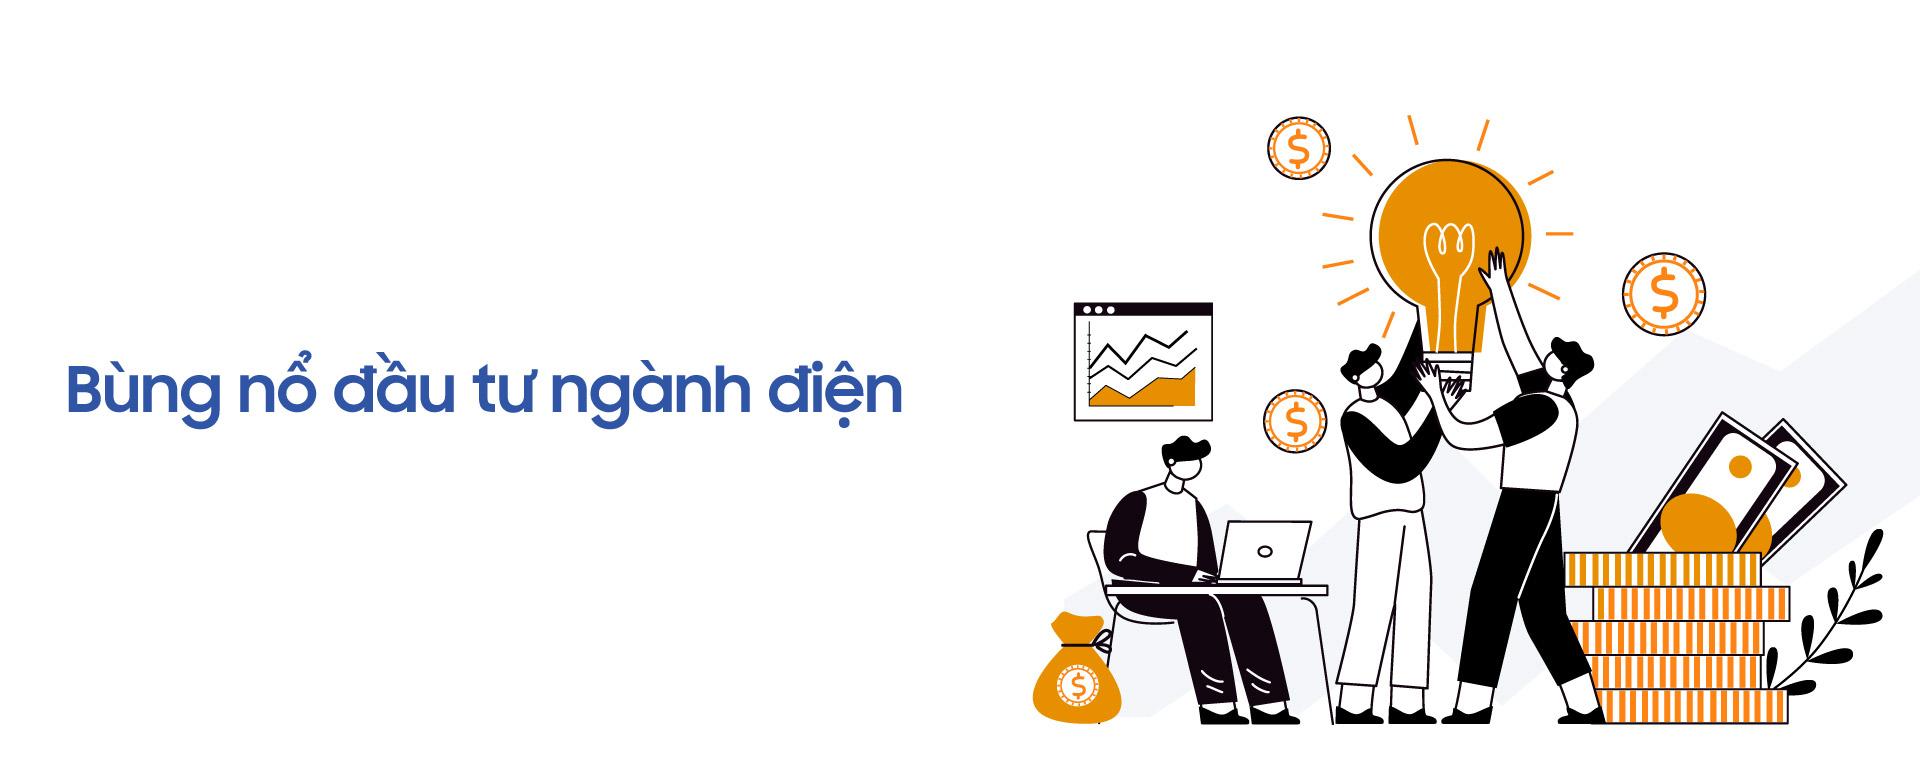 Chuyện thương trường 2020: Biến số Covid-19 và lời giải của doanh nghiệp Việt - Ảnh 9.